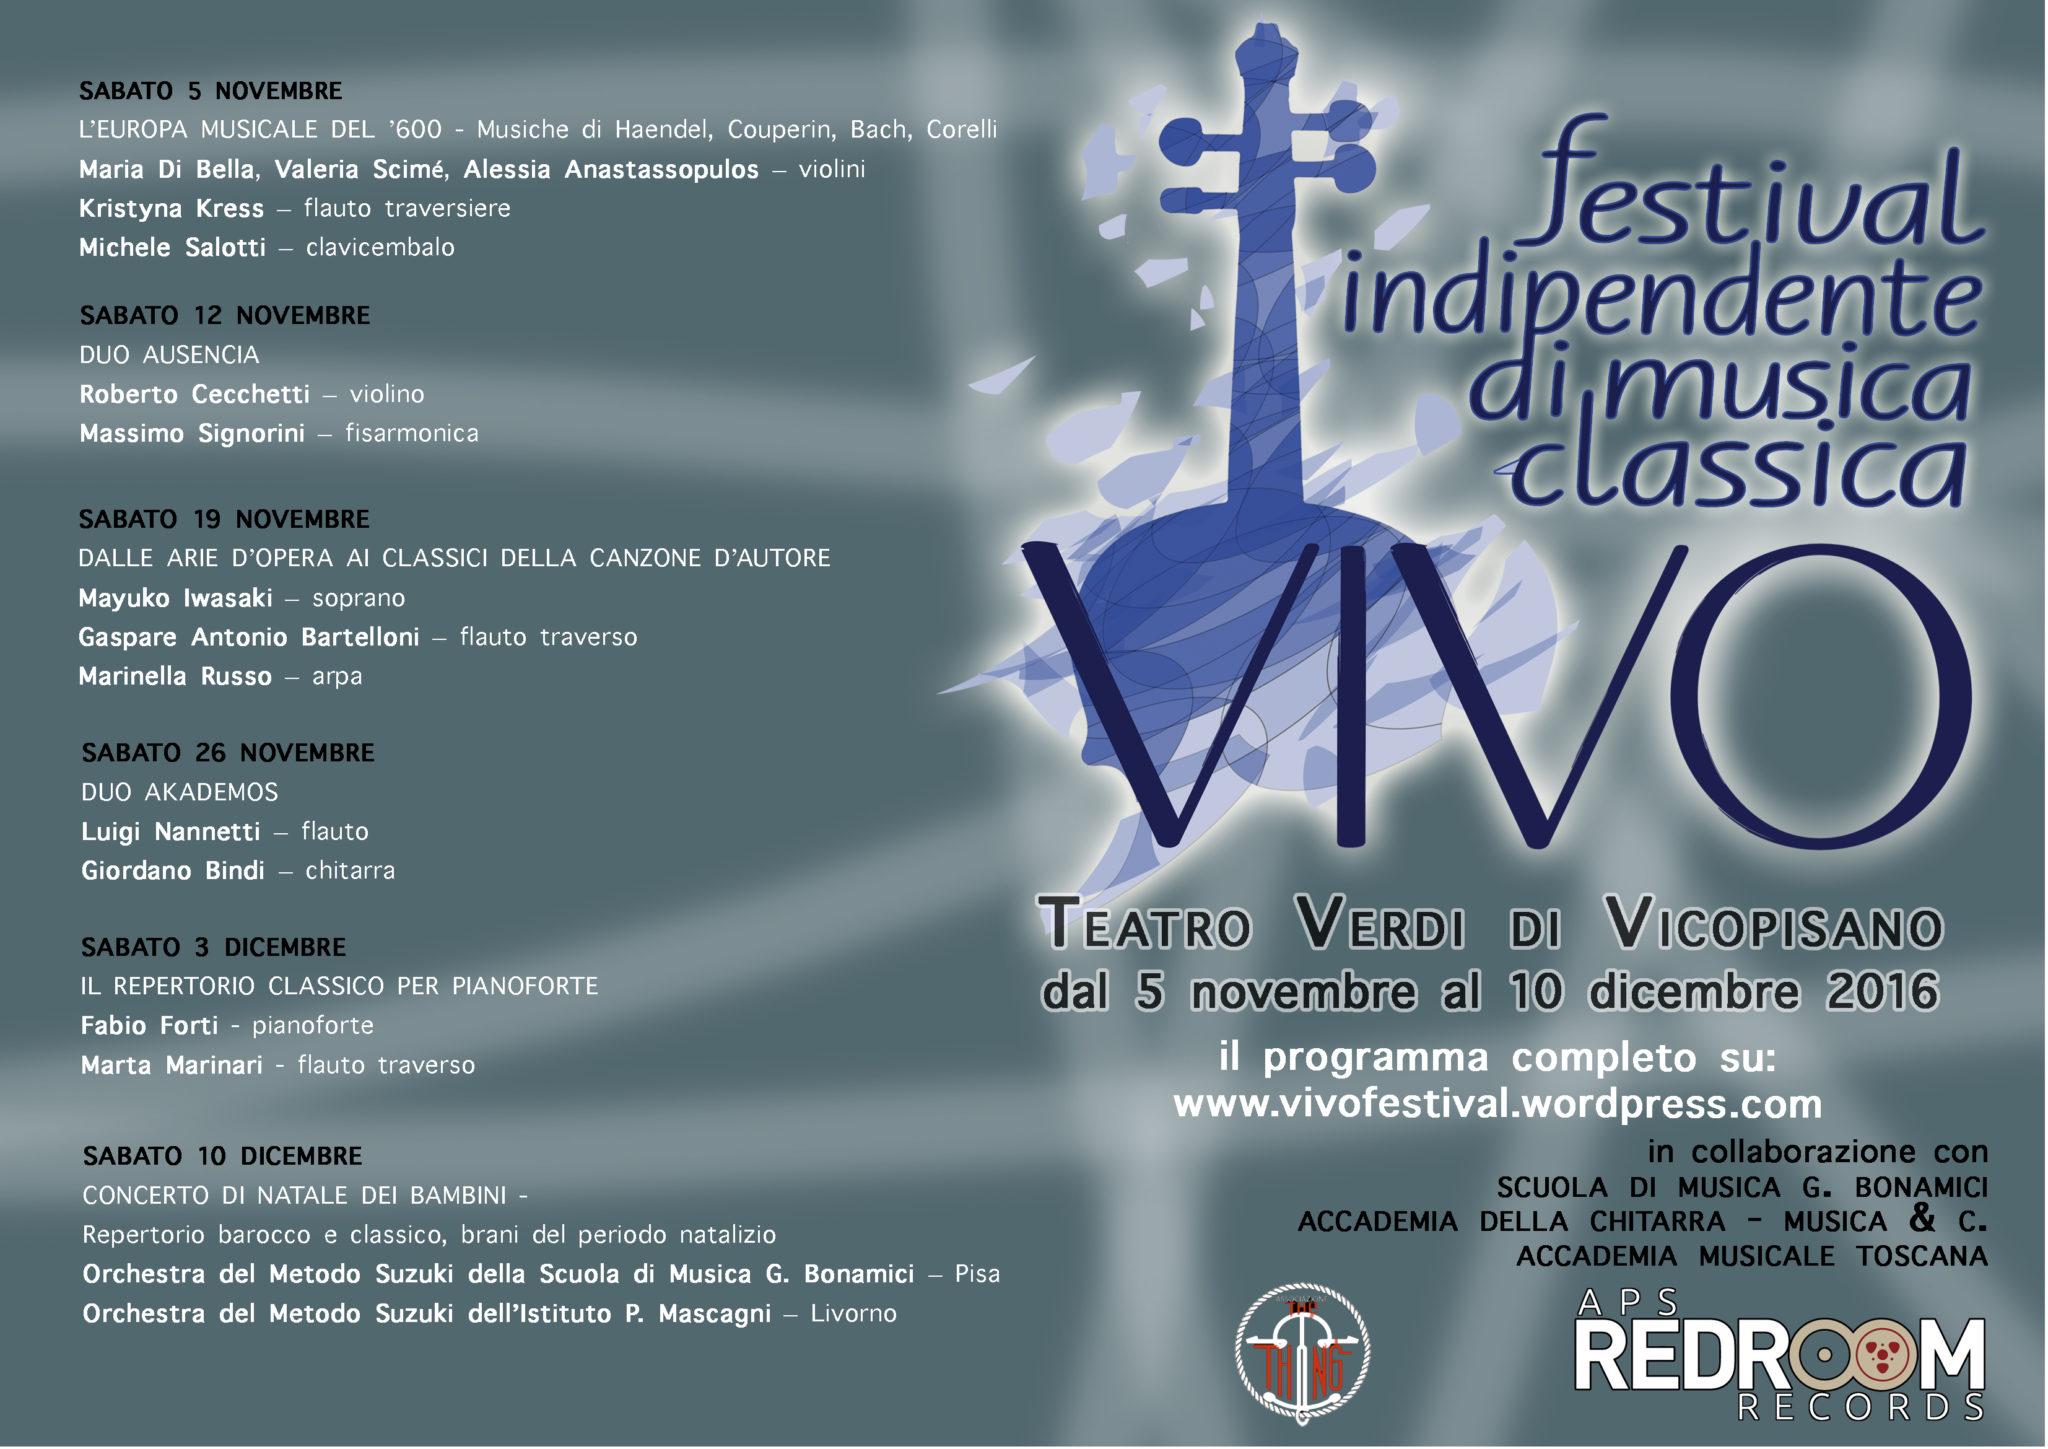 Vivo Festival di Vicopisano